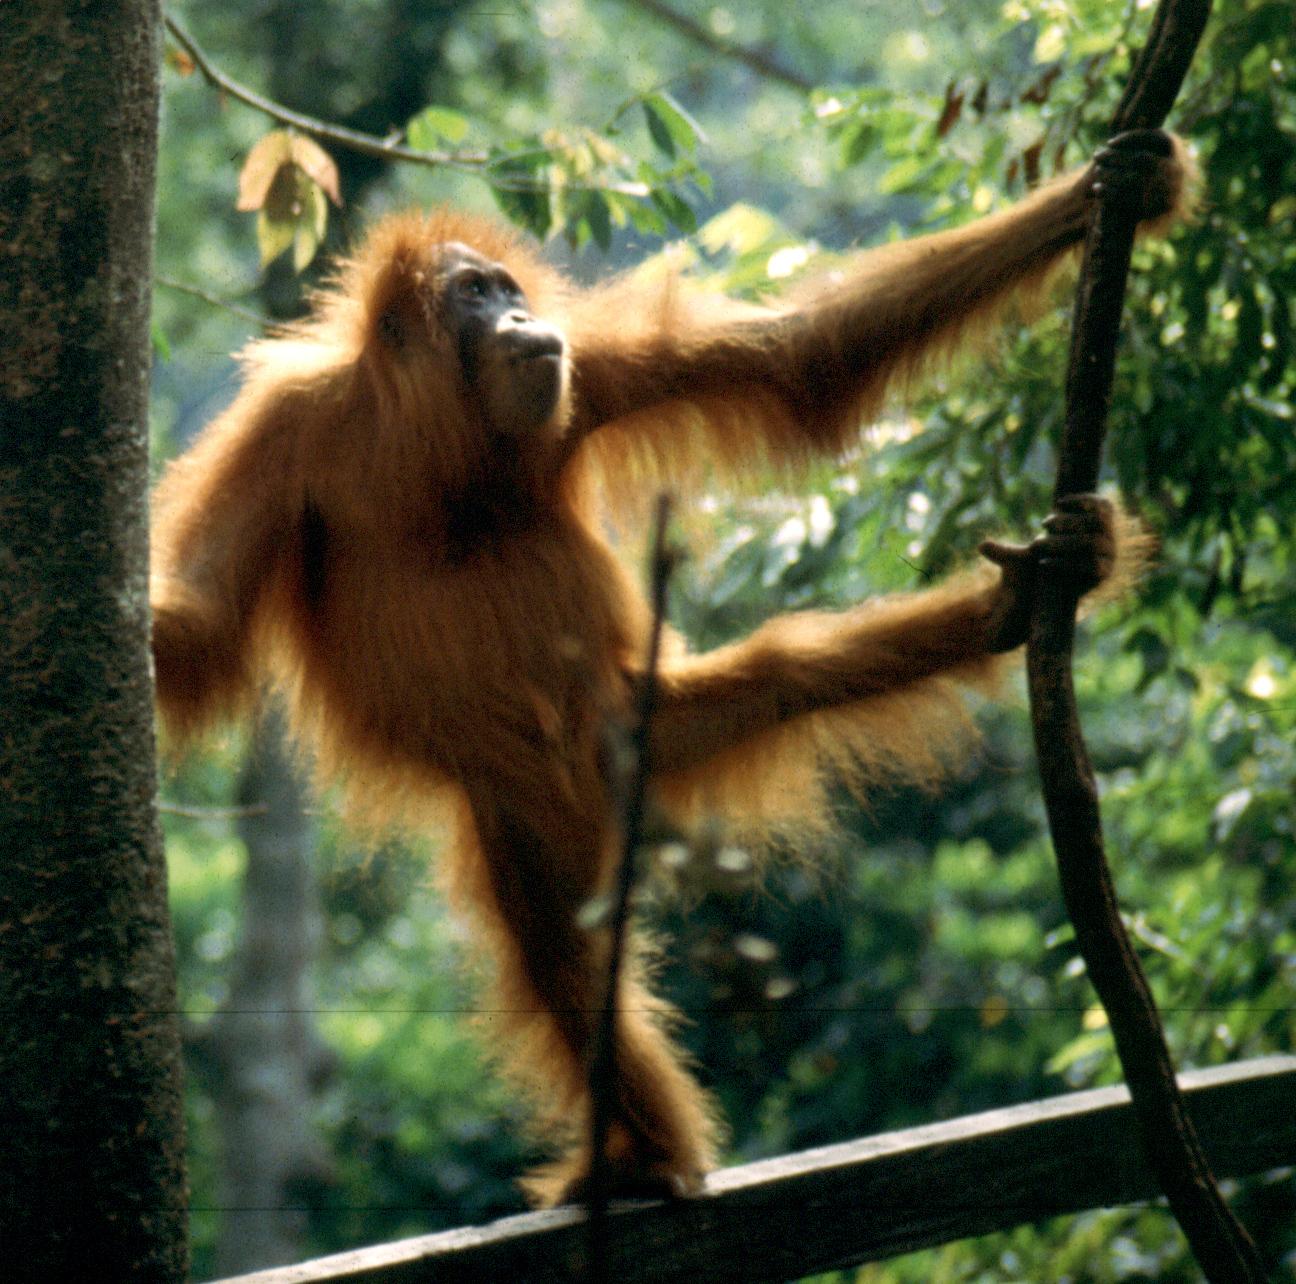 The critically endangered Sumatran orangutan